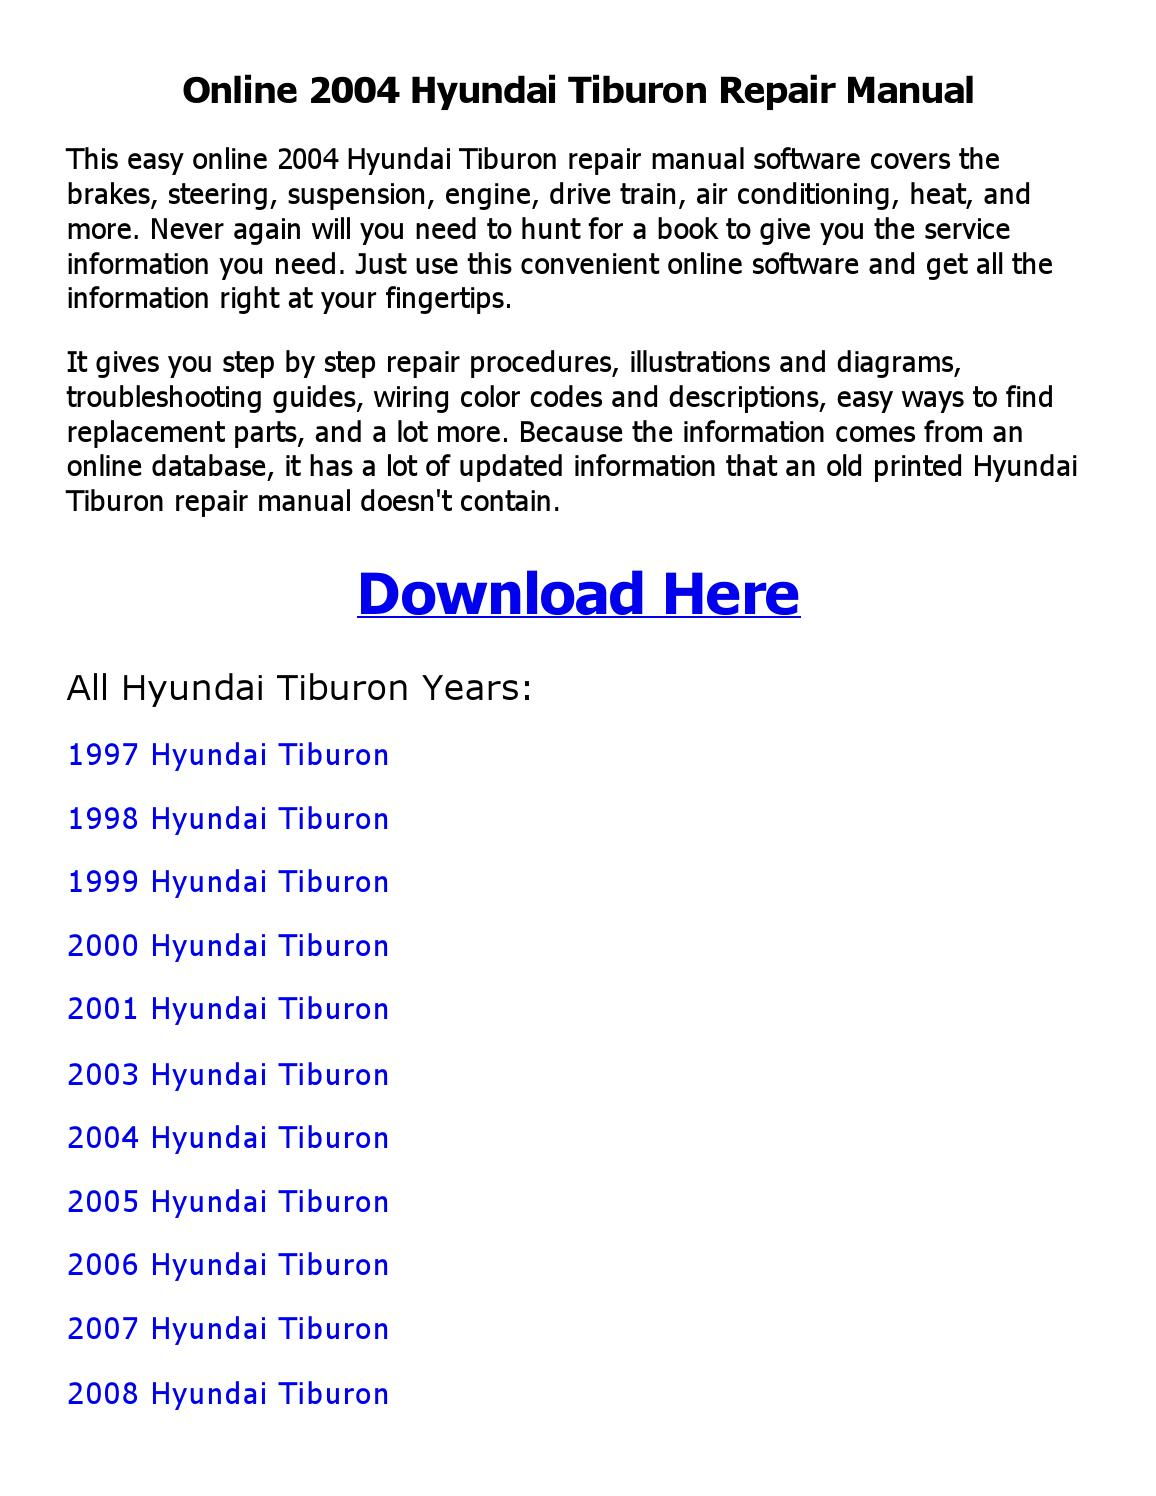 2000 hyundai tiburon wiring diagrams 2004 hyundai tiburon repair manual online by nkouedjo issuu  2004 hyundai tiburon repair manual